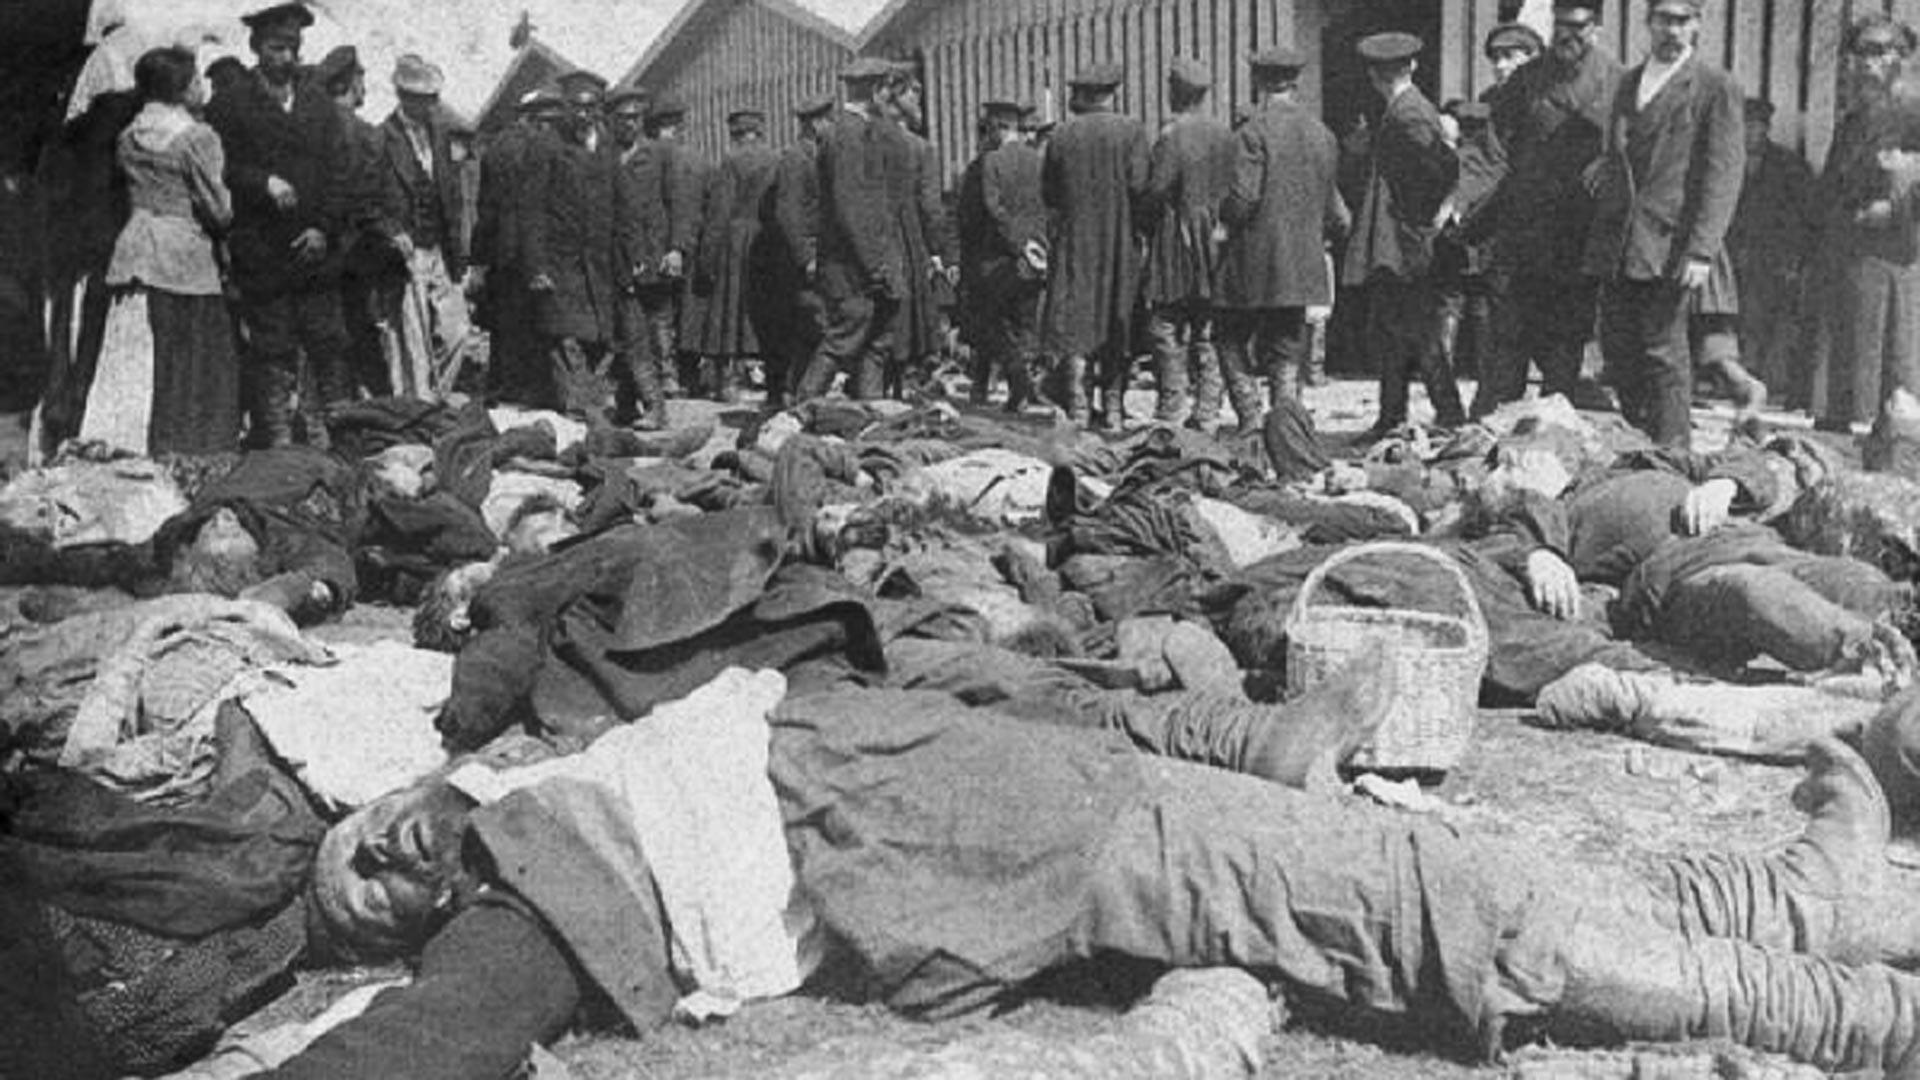 ホドゥインカの大惨事の犠牲者